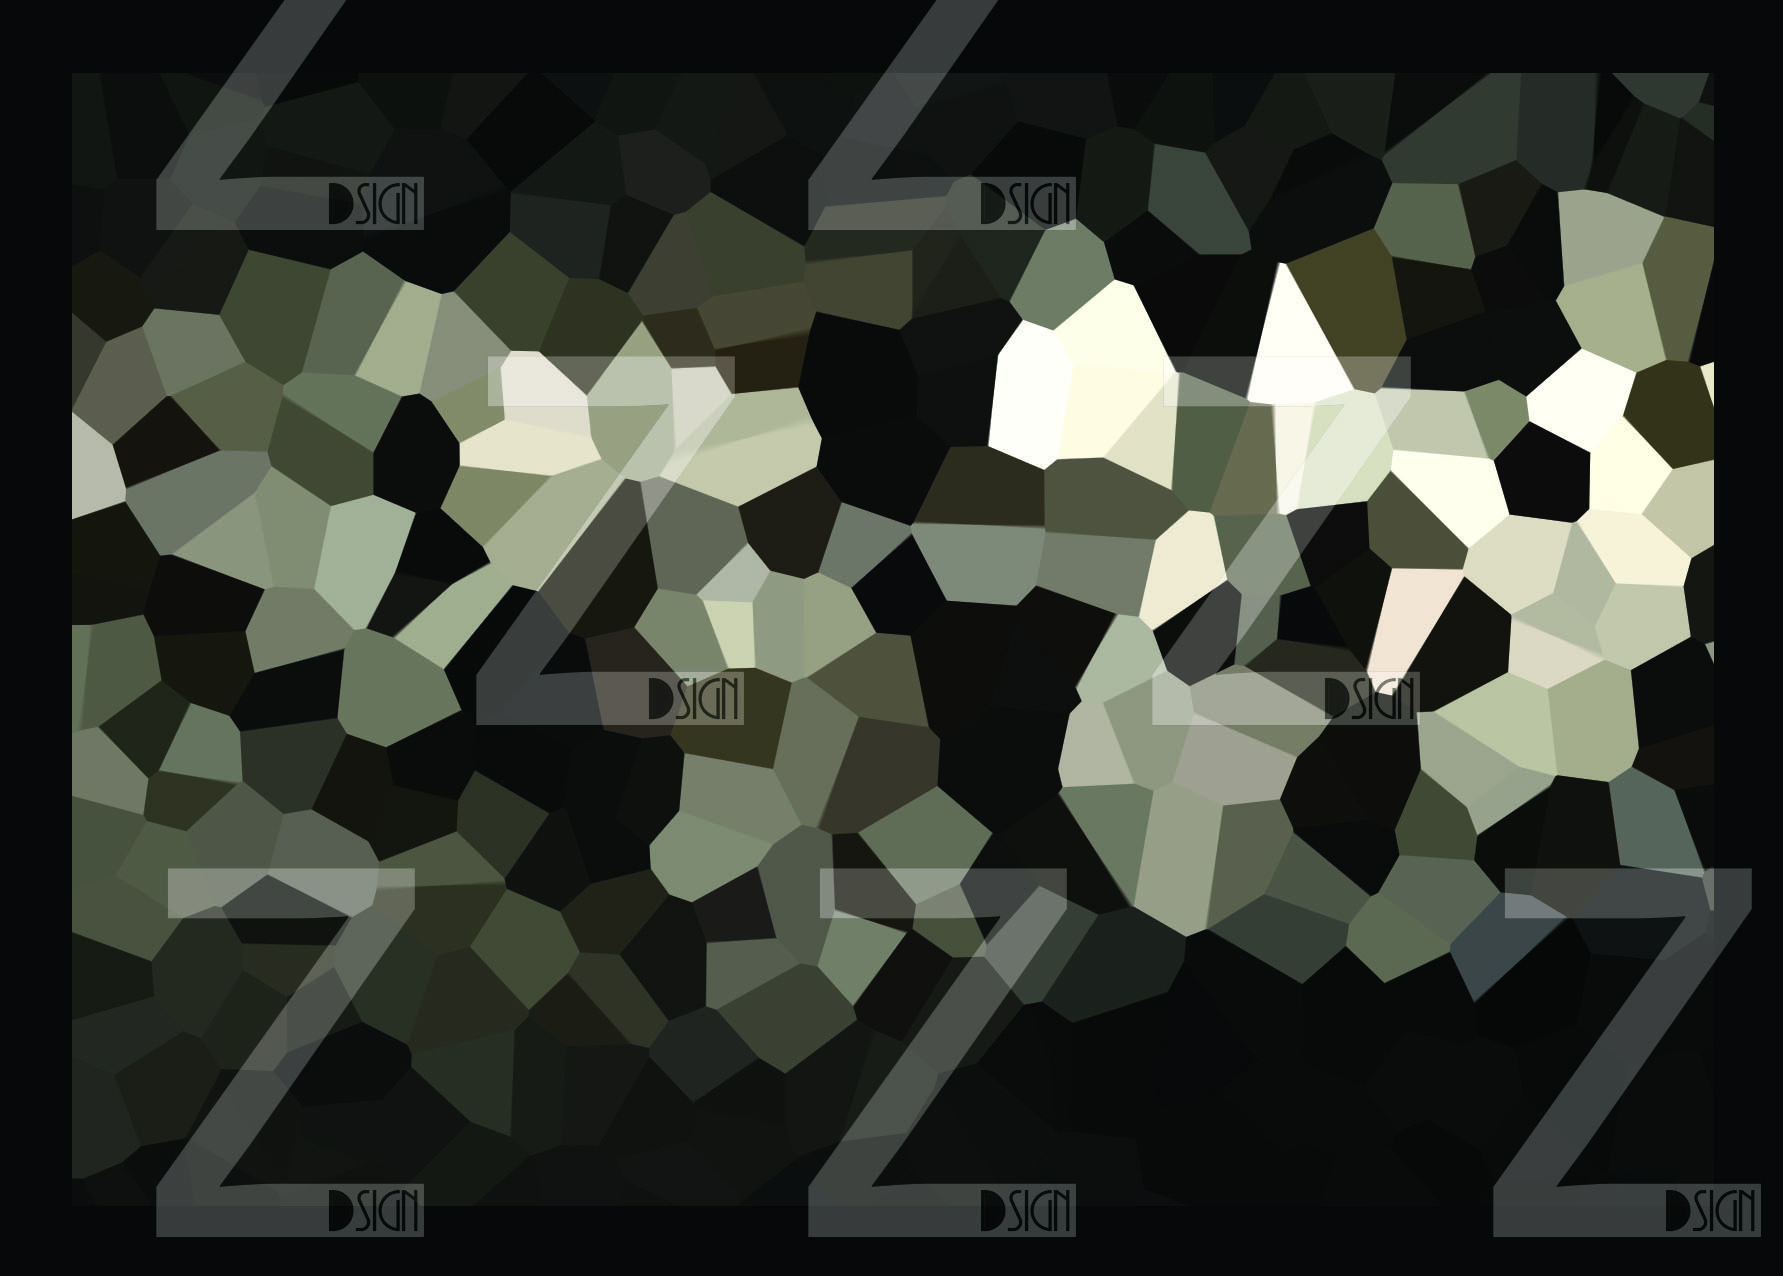 sitecpnb1z-dsign